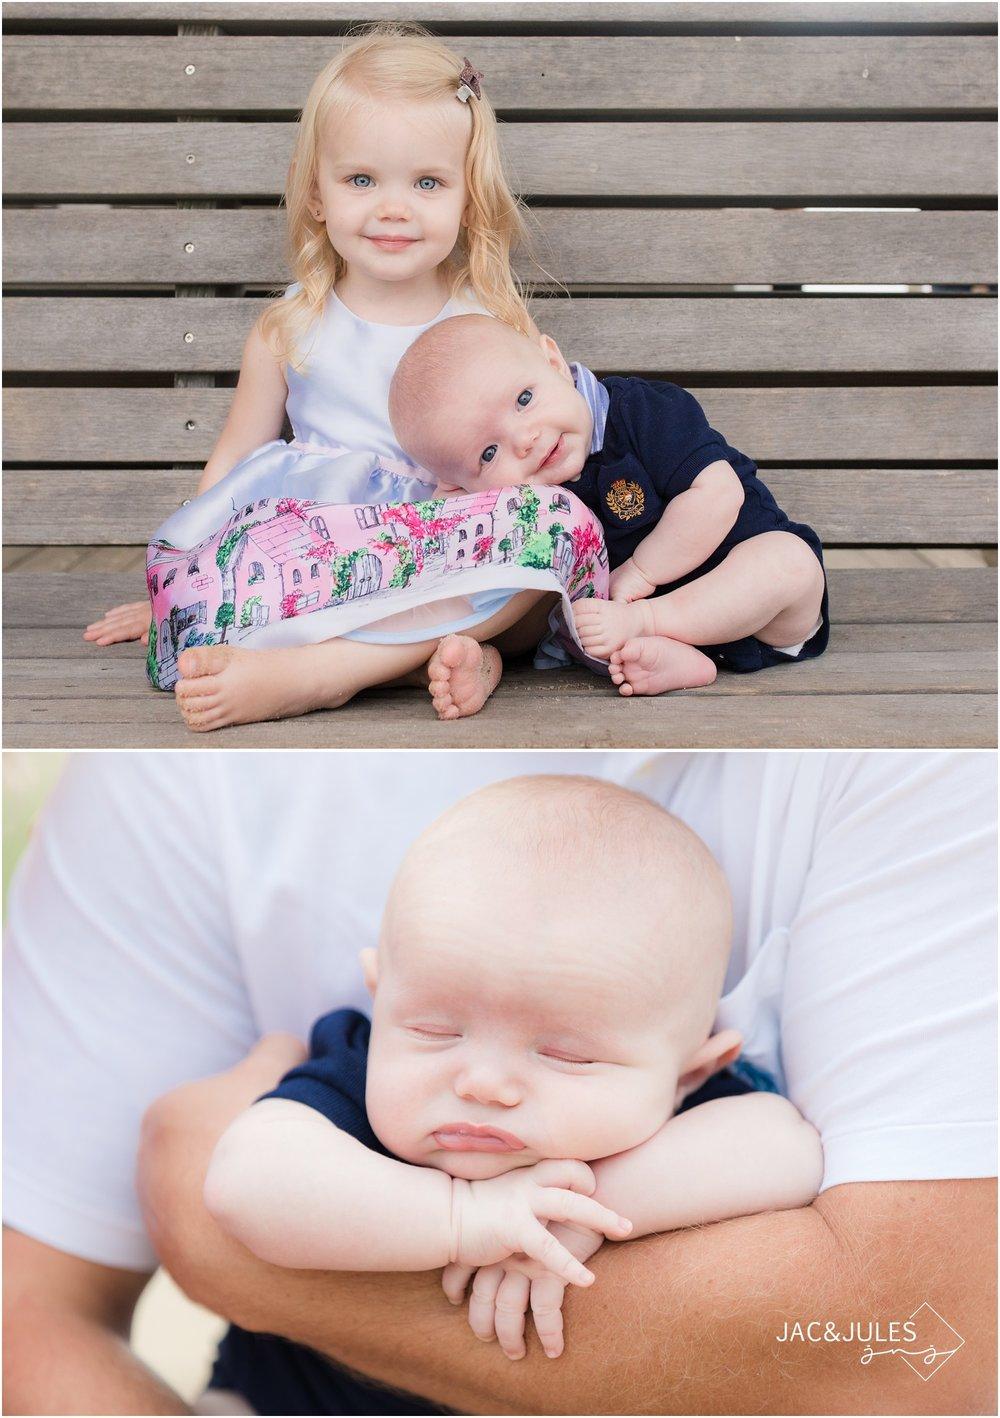 Newborn baby and big sister in Ocean Gate, NJ.